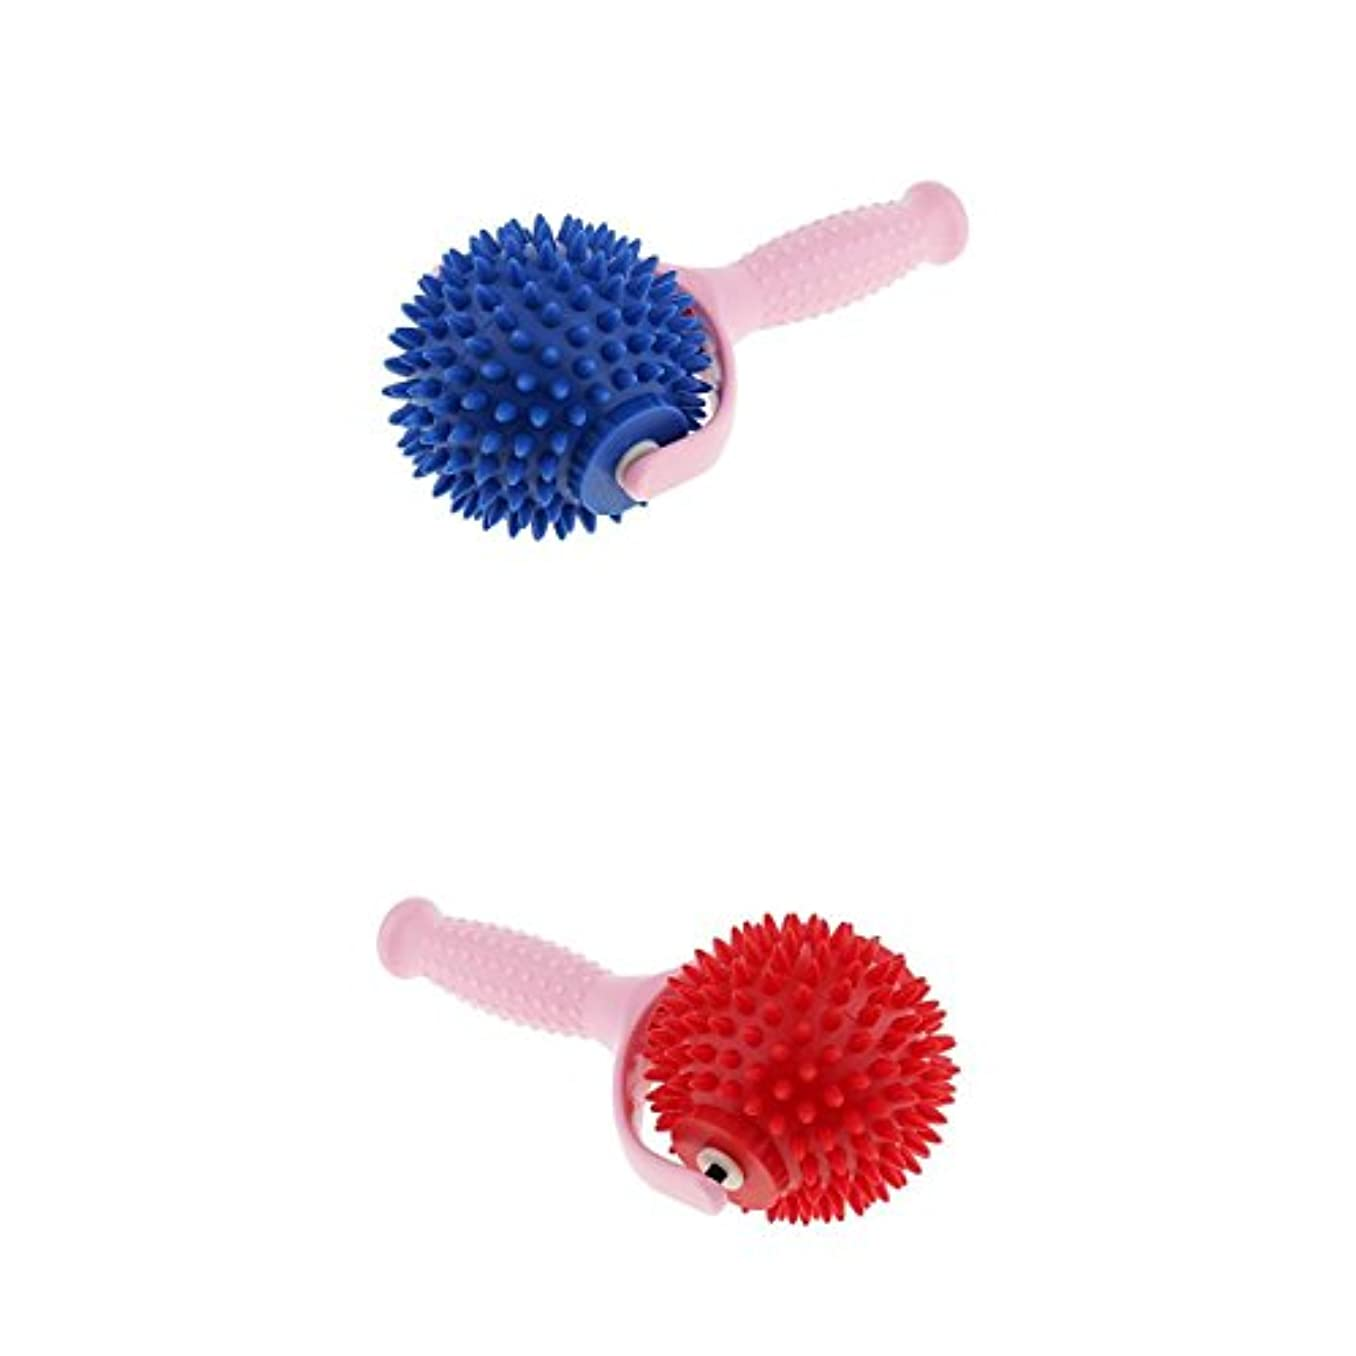 避難フリンジラップPerfk マッサージボール 手持ち式 2個セット 筋膜リリース 伝統的 鍼療法 PVCプラスチック